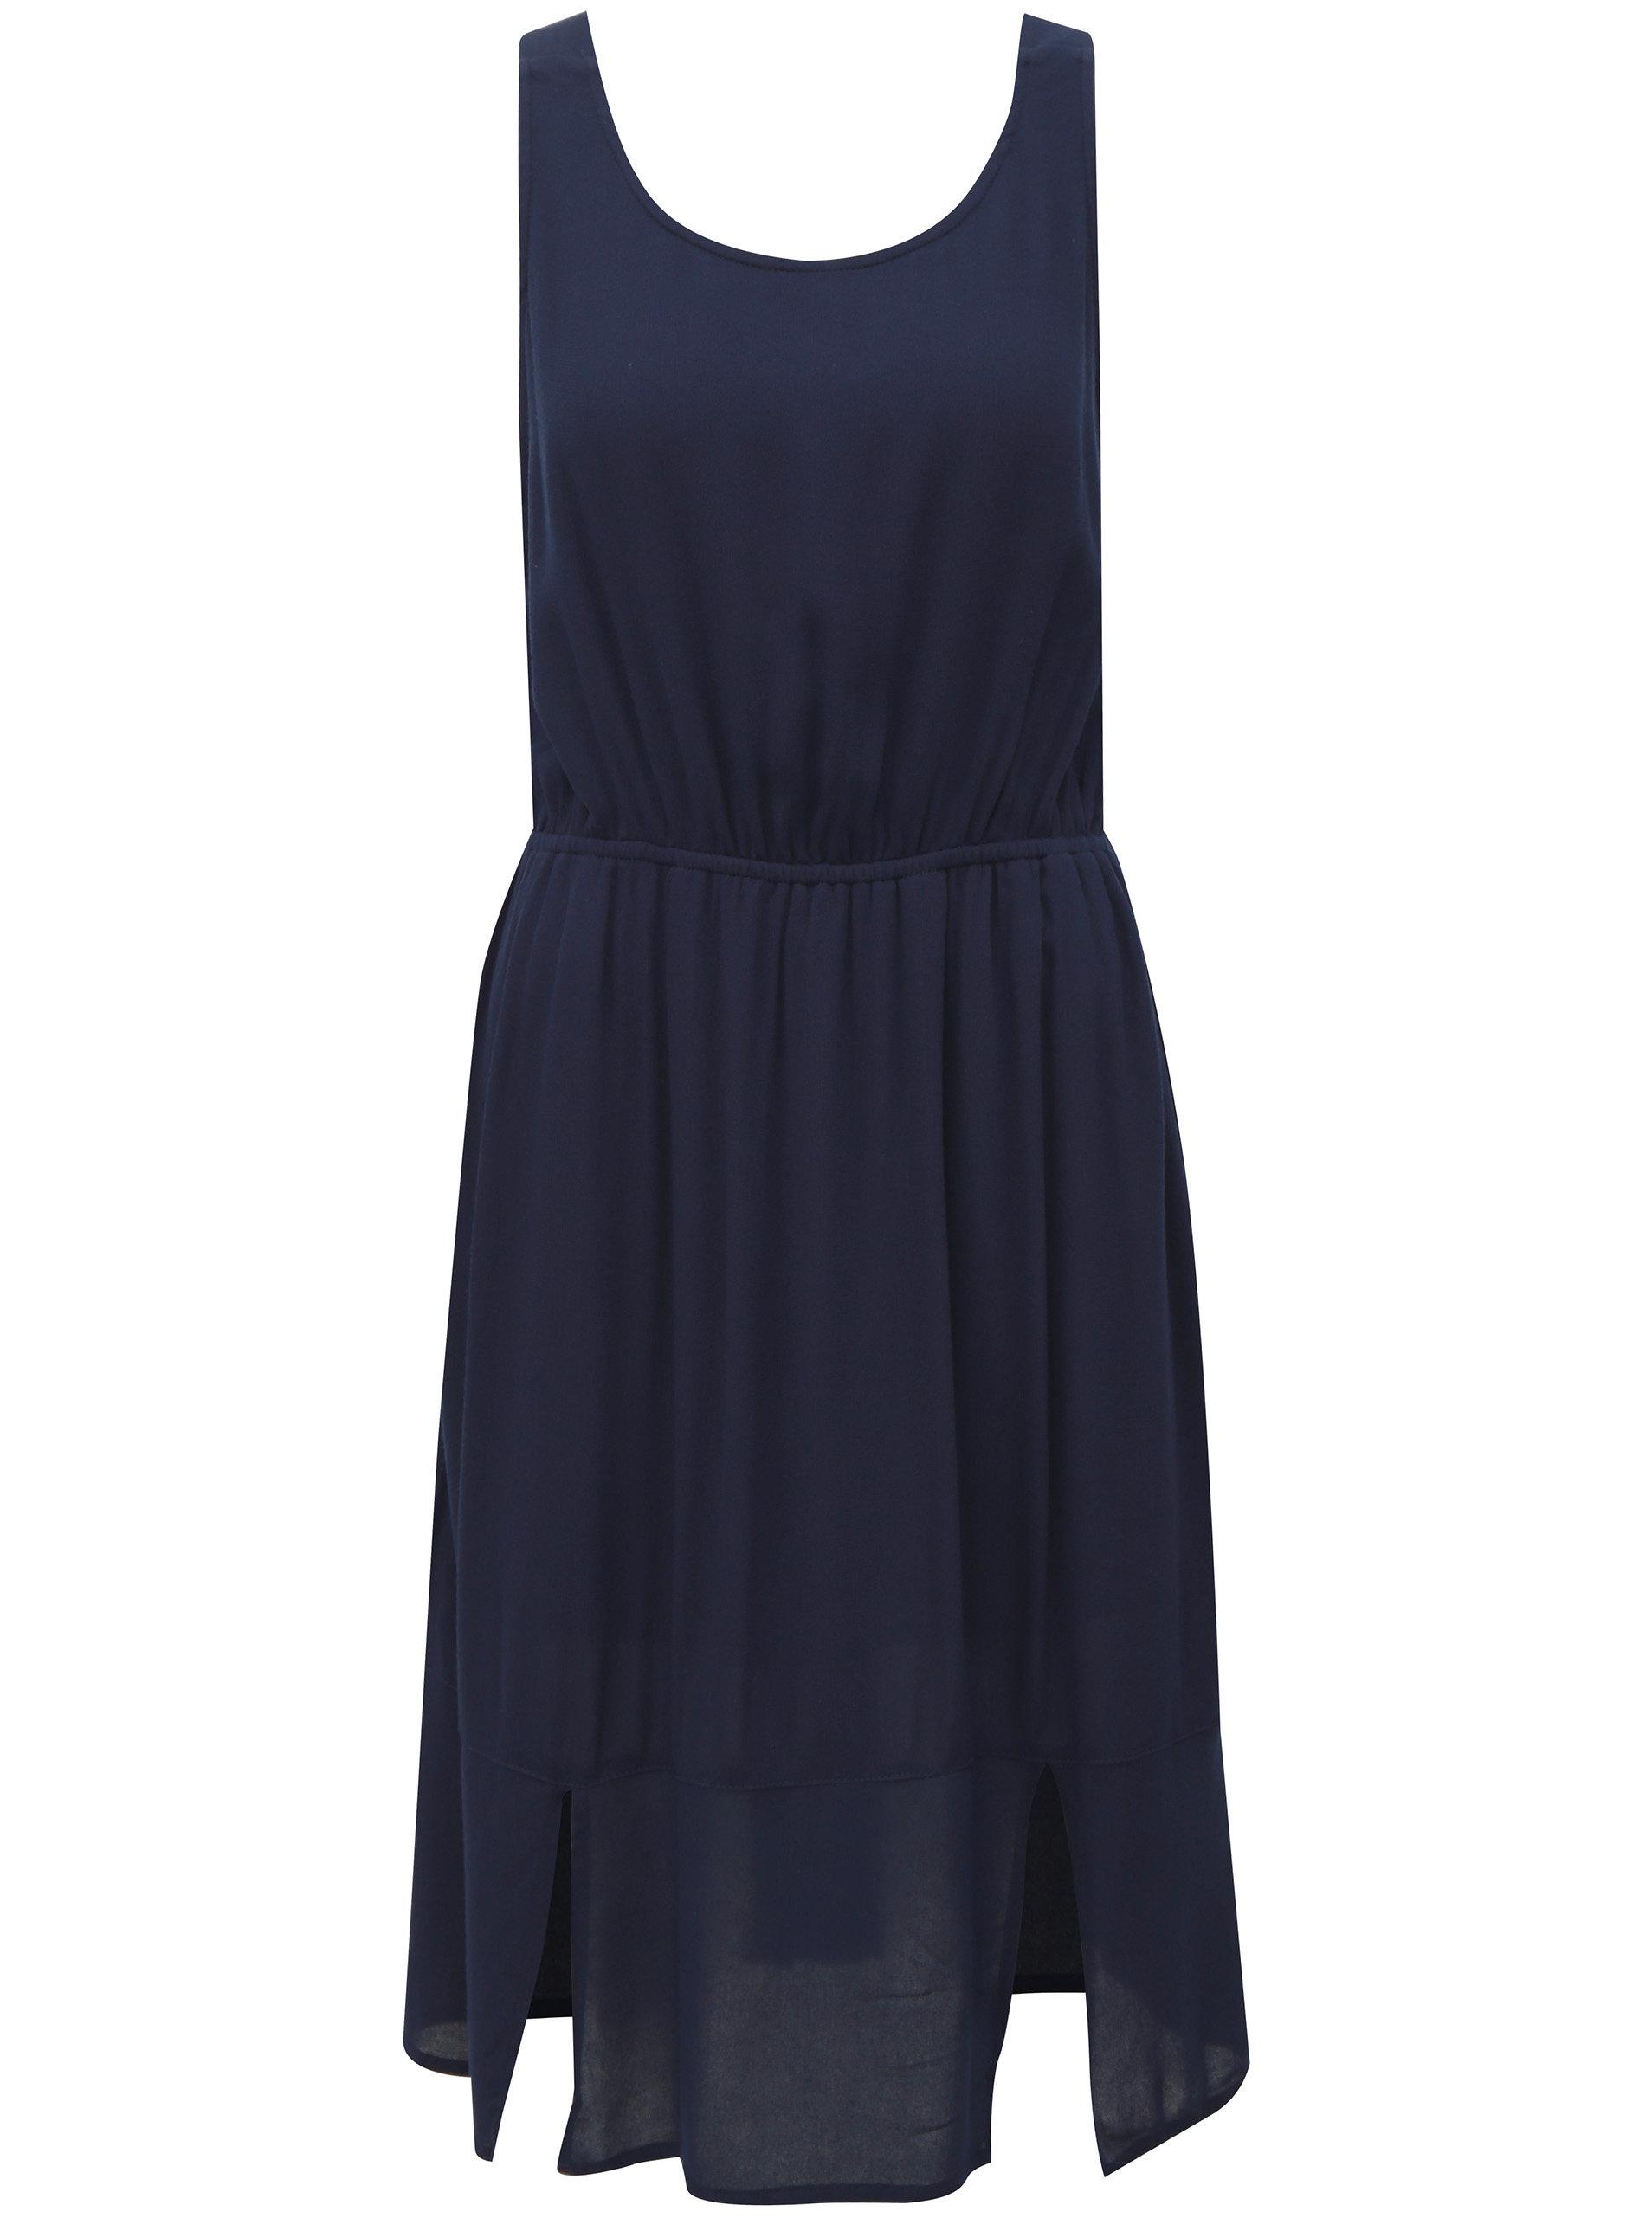 20ad71a3dc26 Tmavě modré šaty s mašlí na zádech Broadway Farva ...